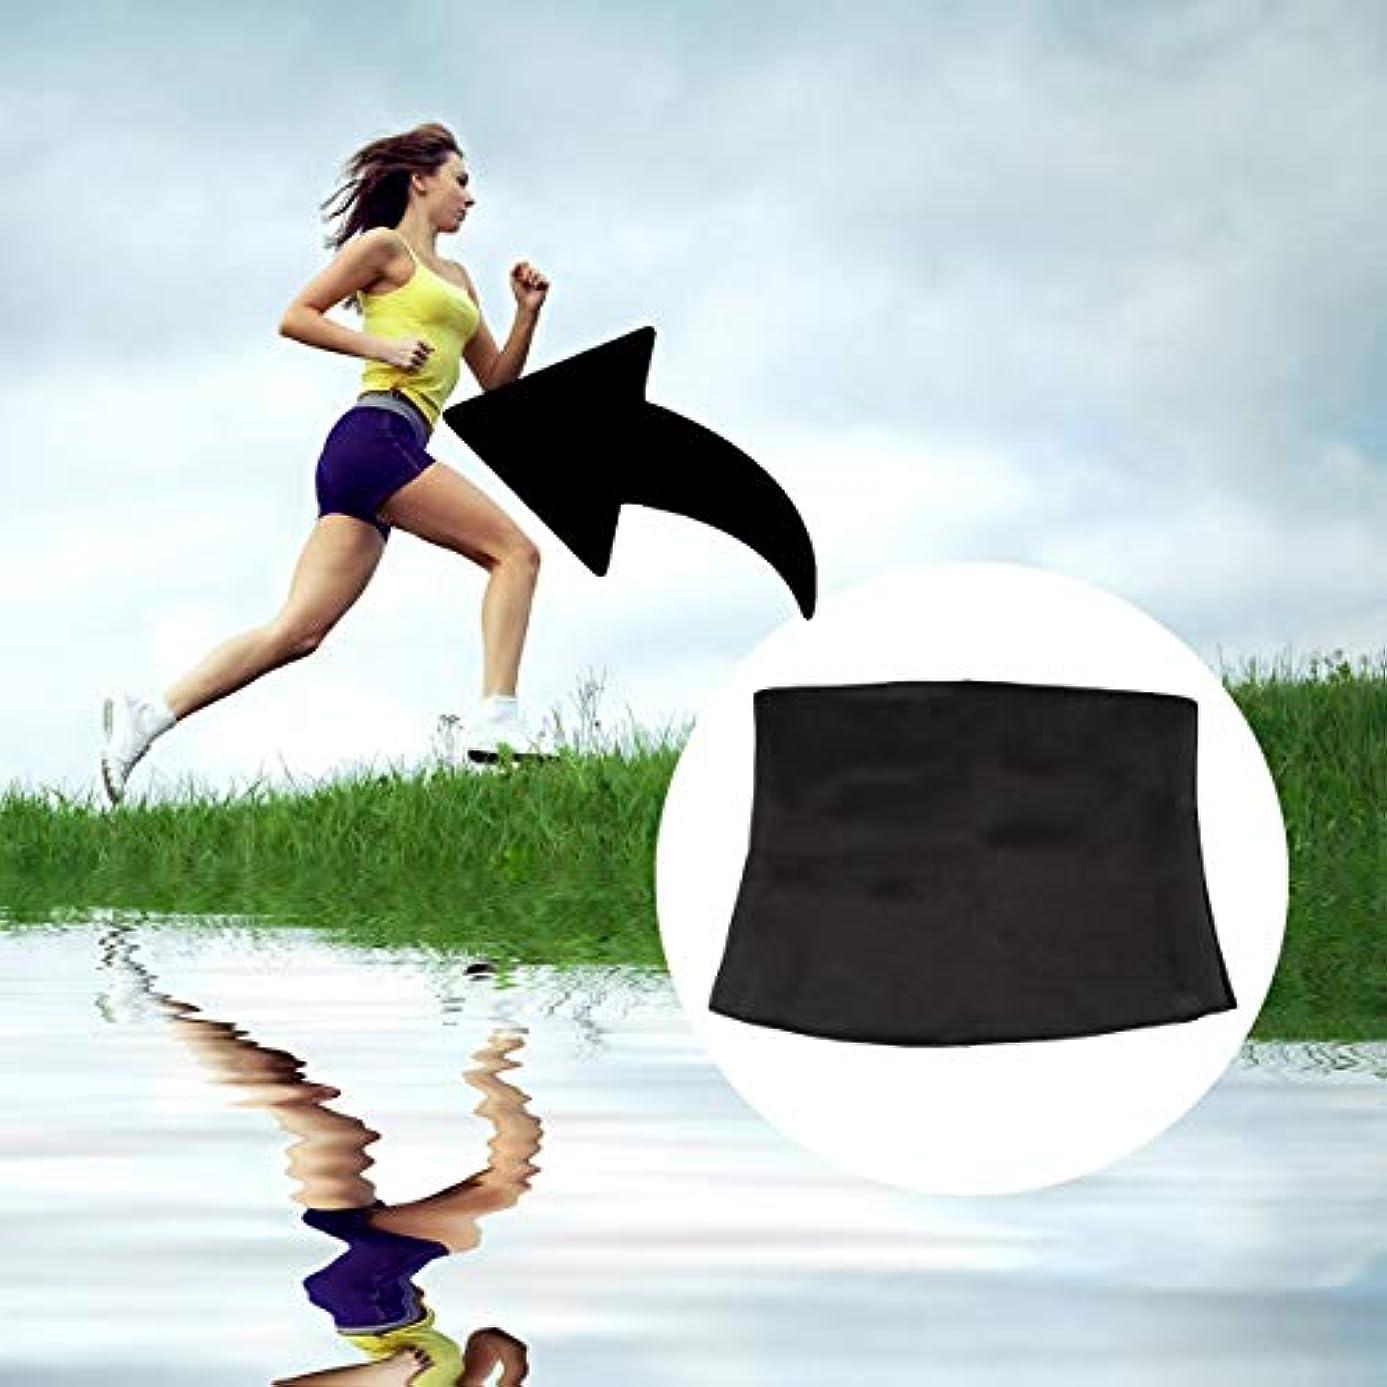 困惑する広範囲に以来Women Adult Solid Neoprene Healthy Slimming Weight Loss Waist Belts Body Shaper Slimming Trainer Trimmer Corsets